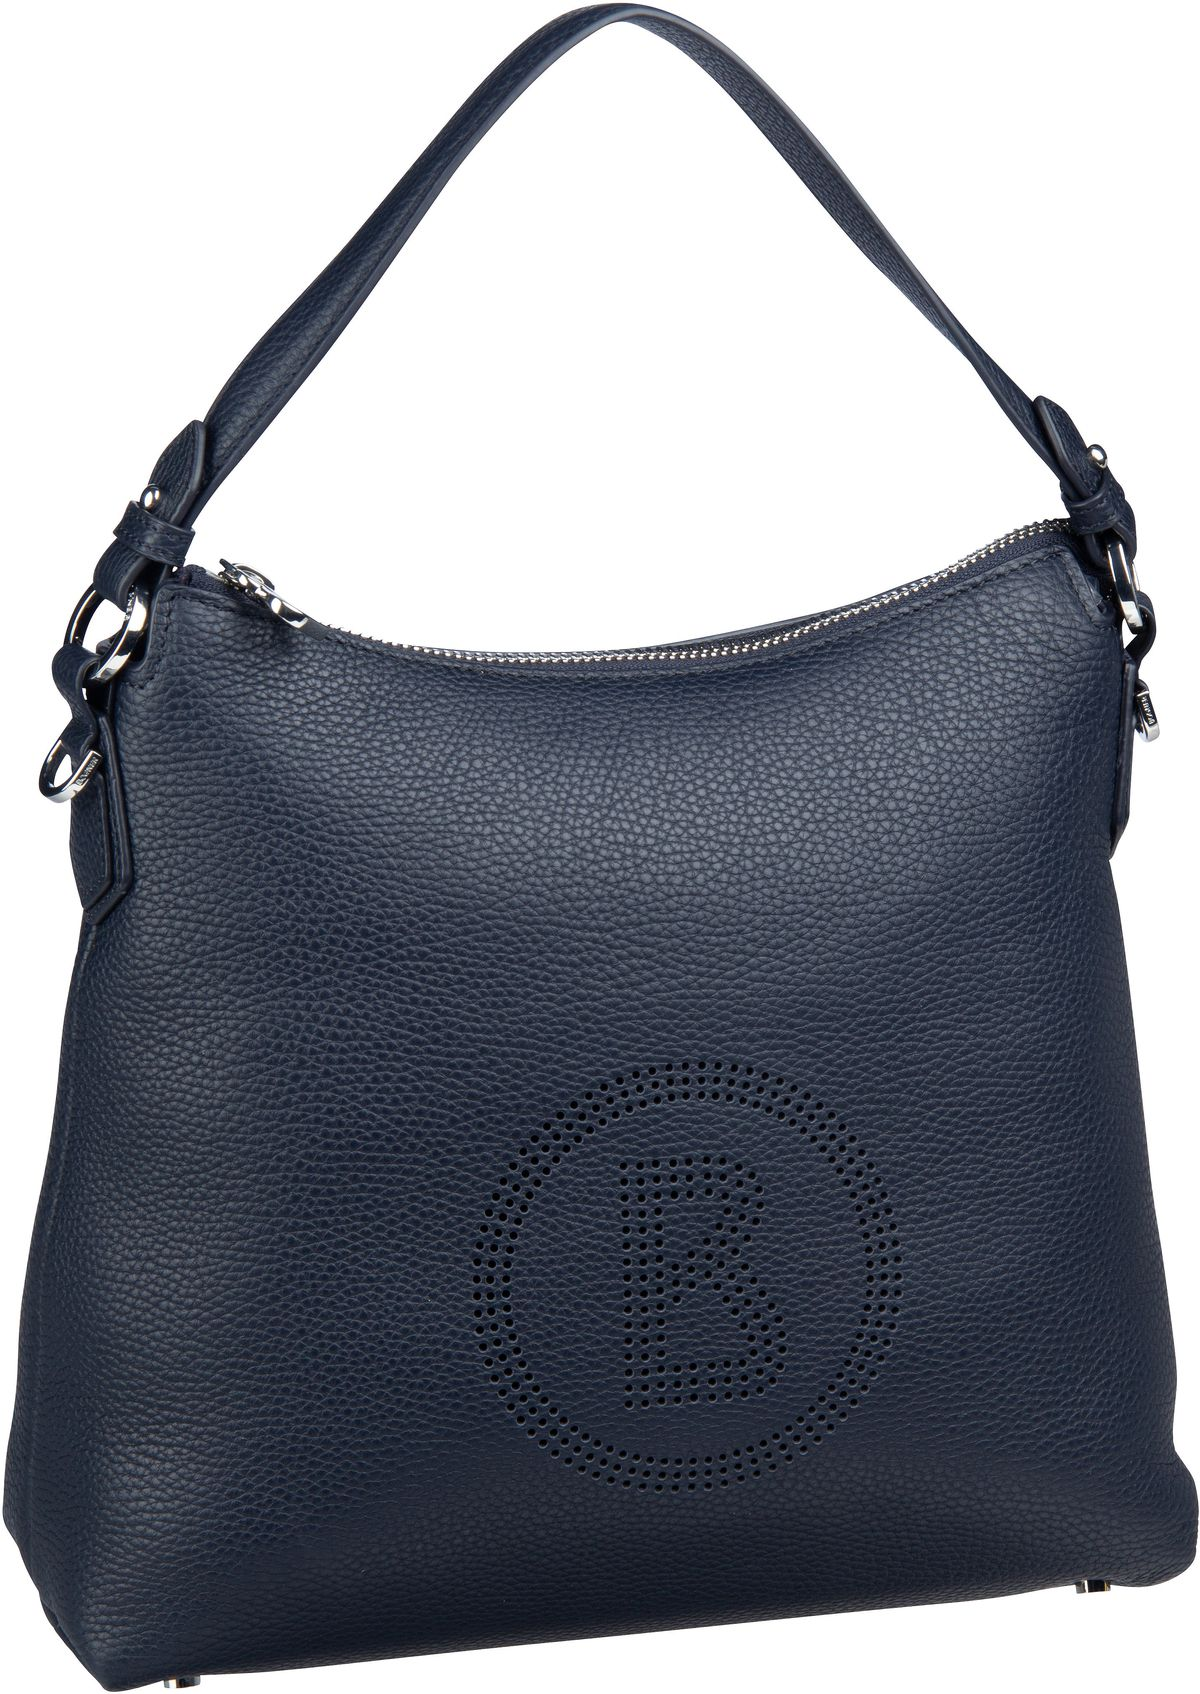 Handtasche Sulden Marie Hobo MVZ Dark Blue